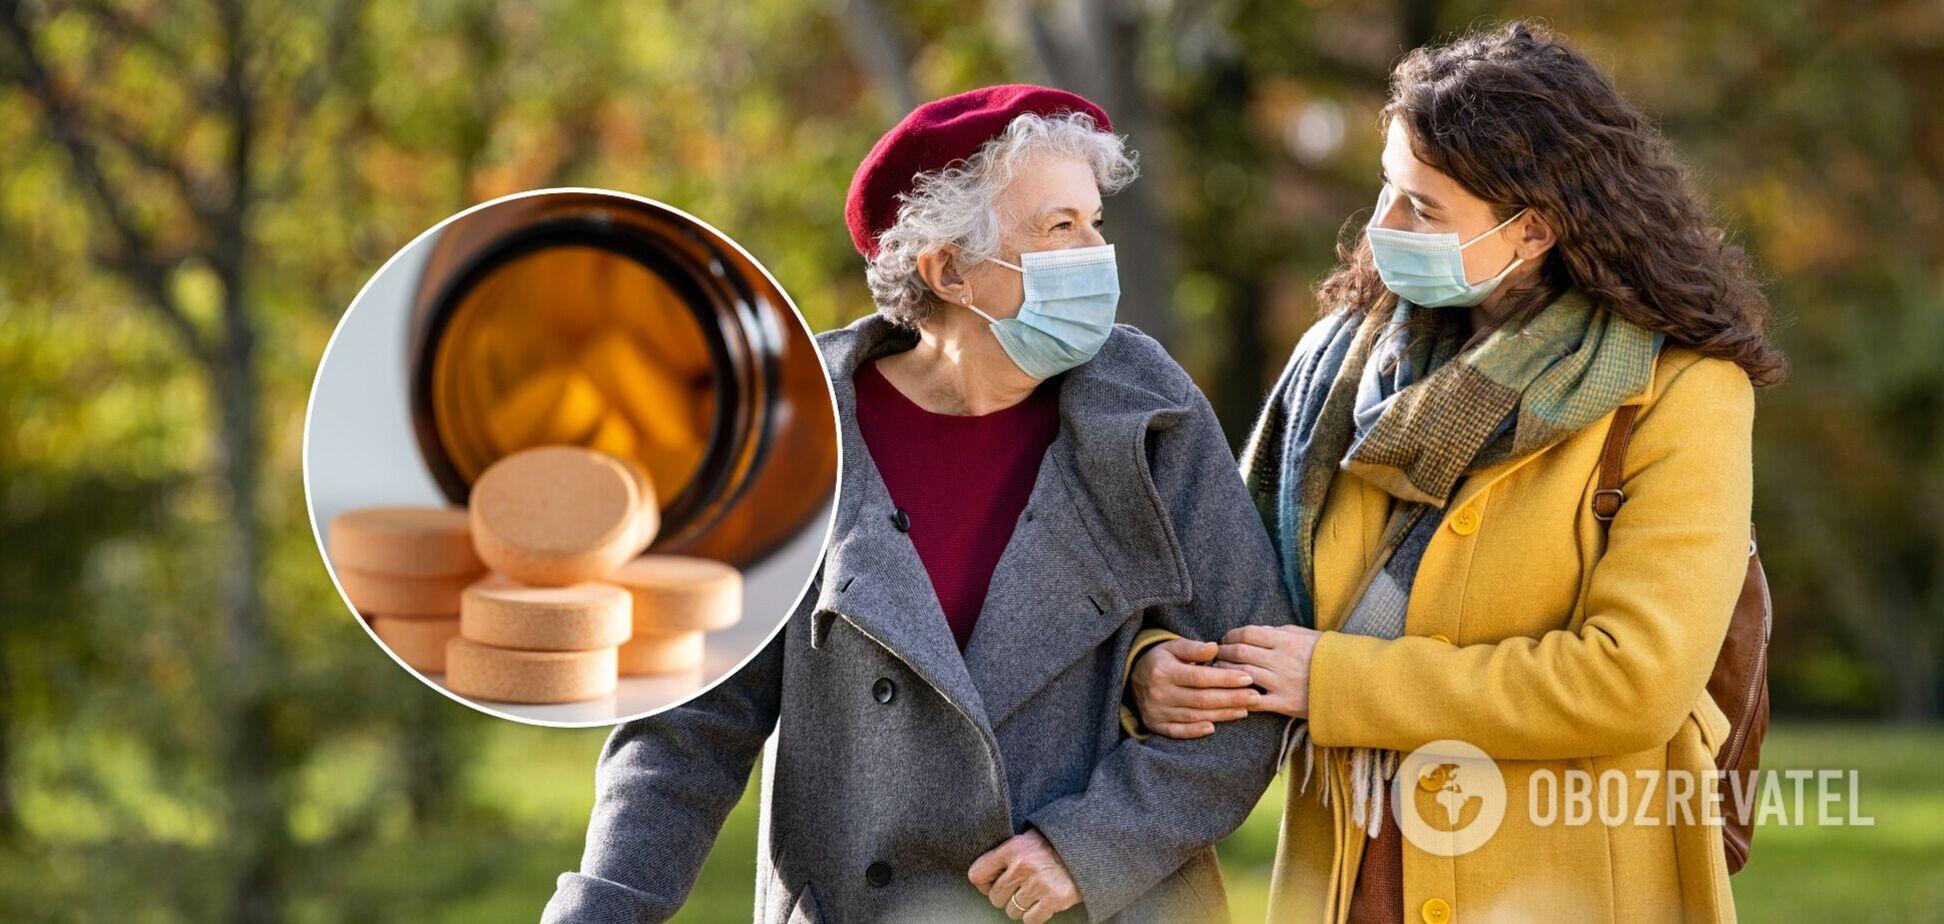 Разжижение крови при COVID крайне опасно для пожилых, – врач